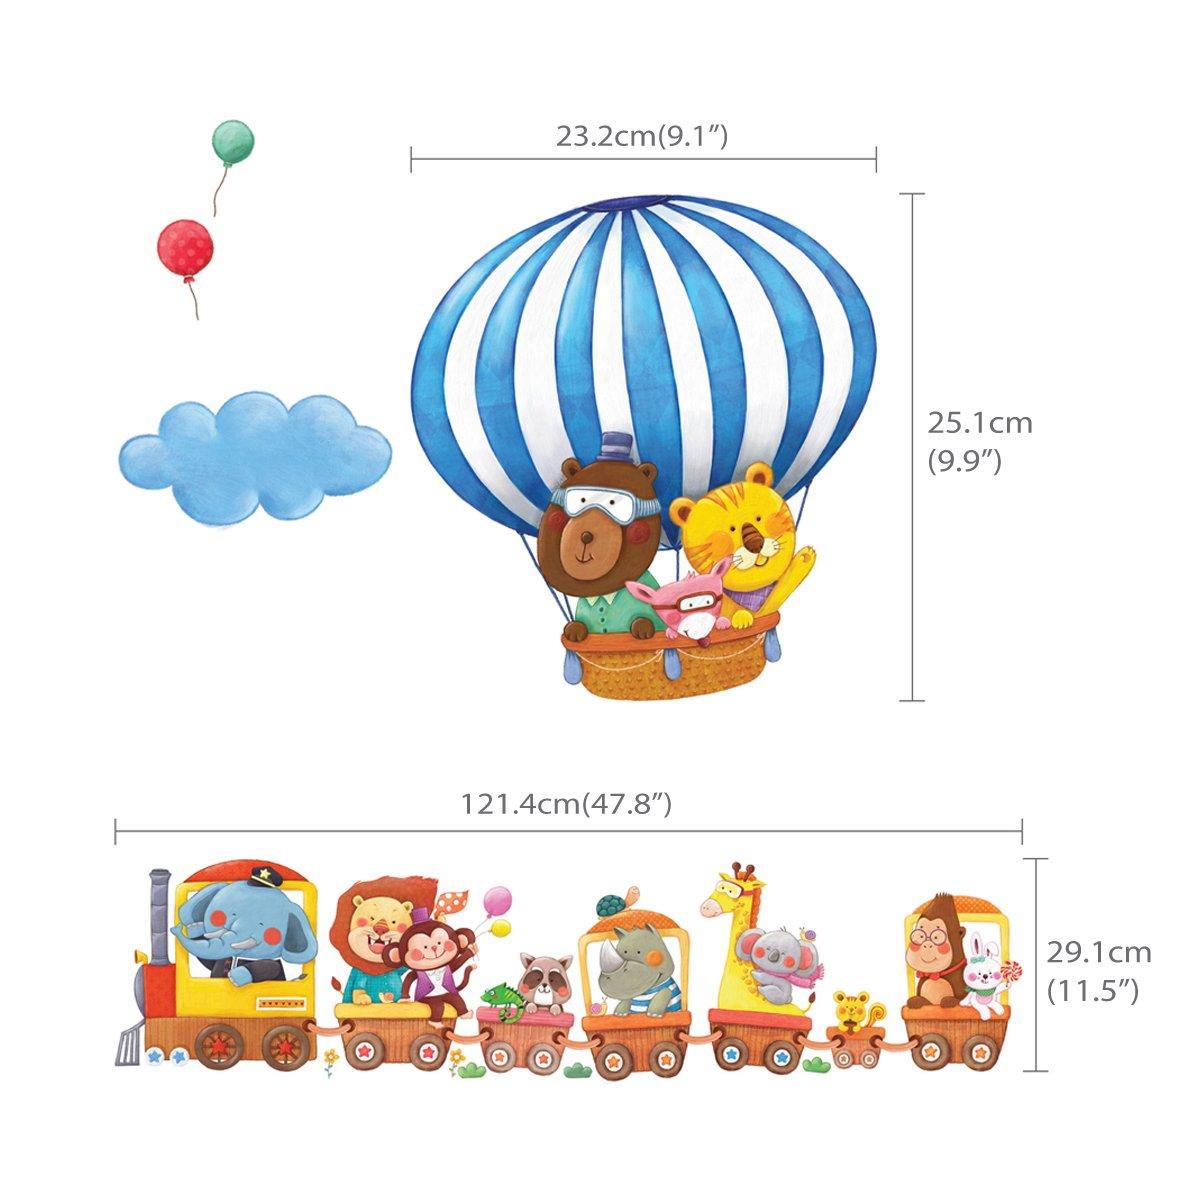 DECOWALL DL-1406L Zug und Hei/ßluftballons Autos Flugzeuge Tiere Wandtattoo Wandsticker Wandaufkleber Wanddeko f/ür Wohnzimmer Schlafzimmer Kinderzimmer Extra Gro/ß